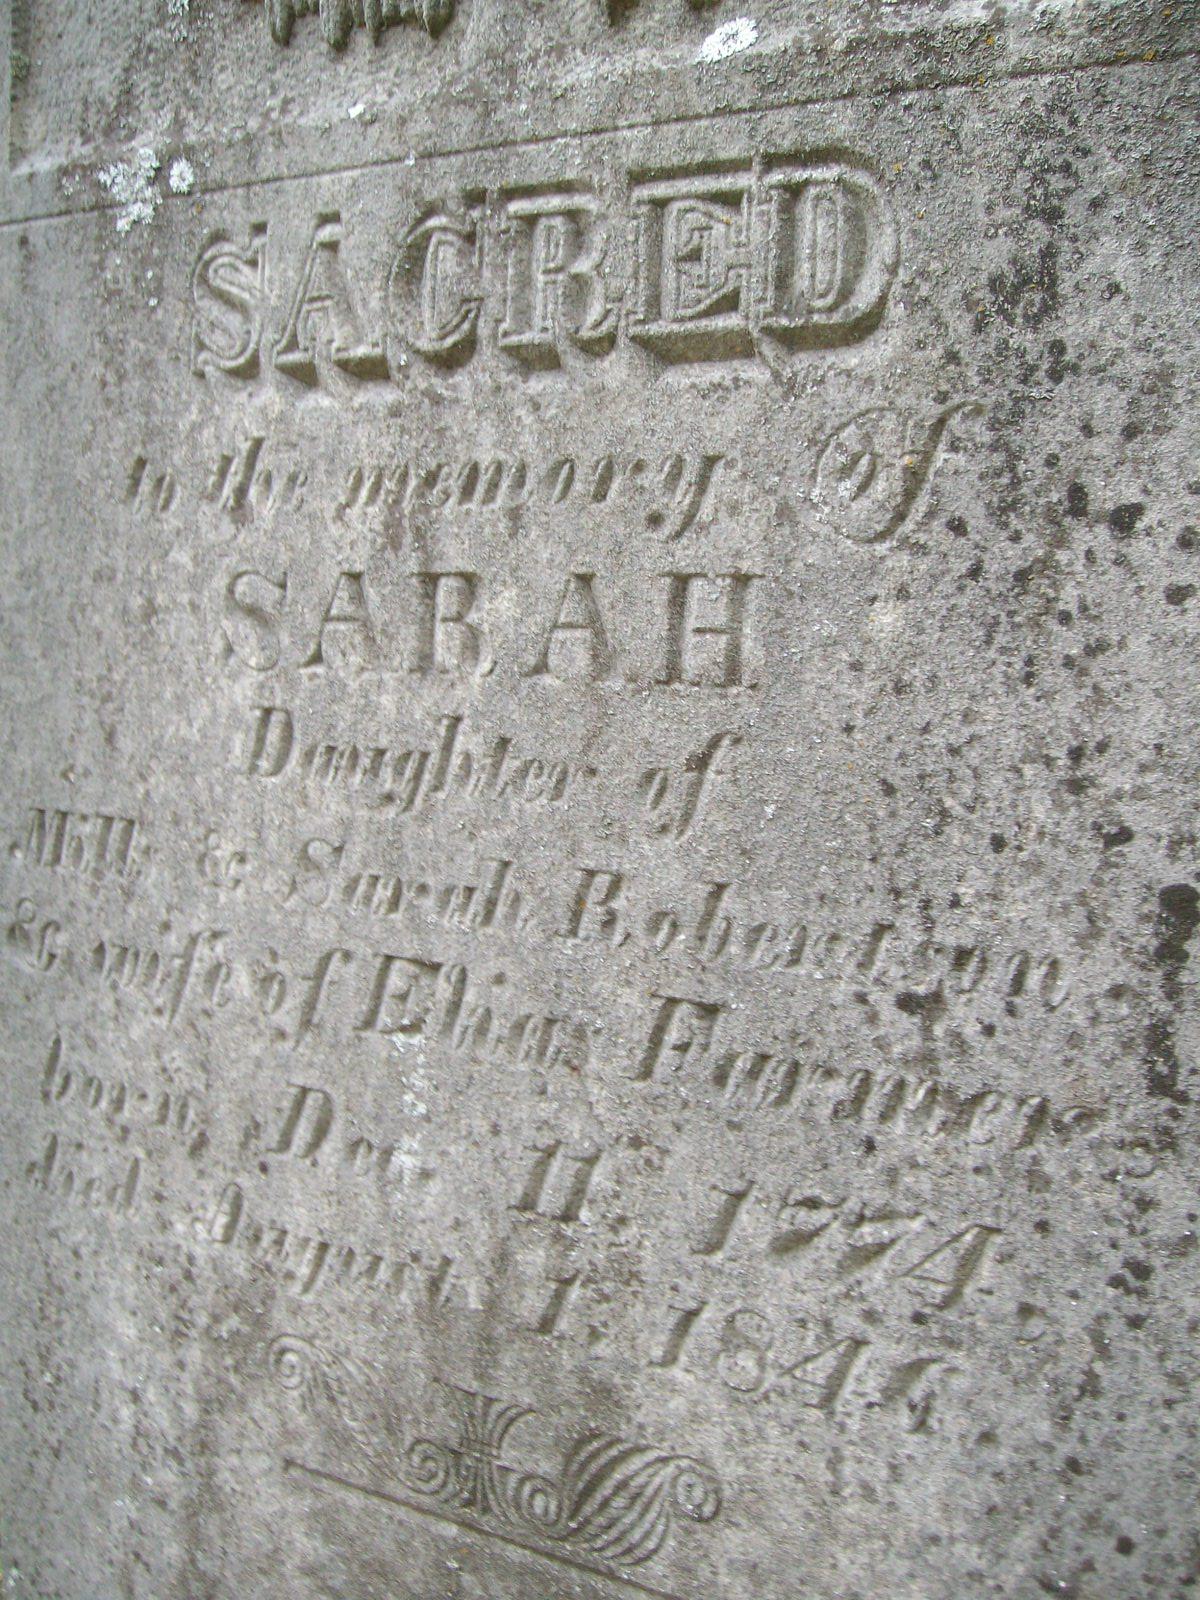 Sarah Devers Robertson